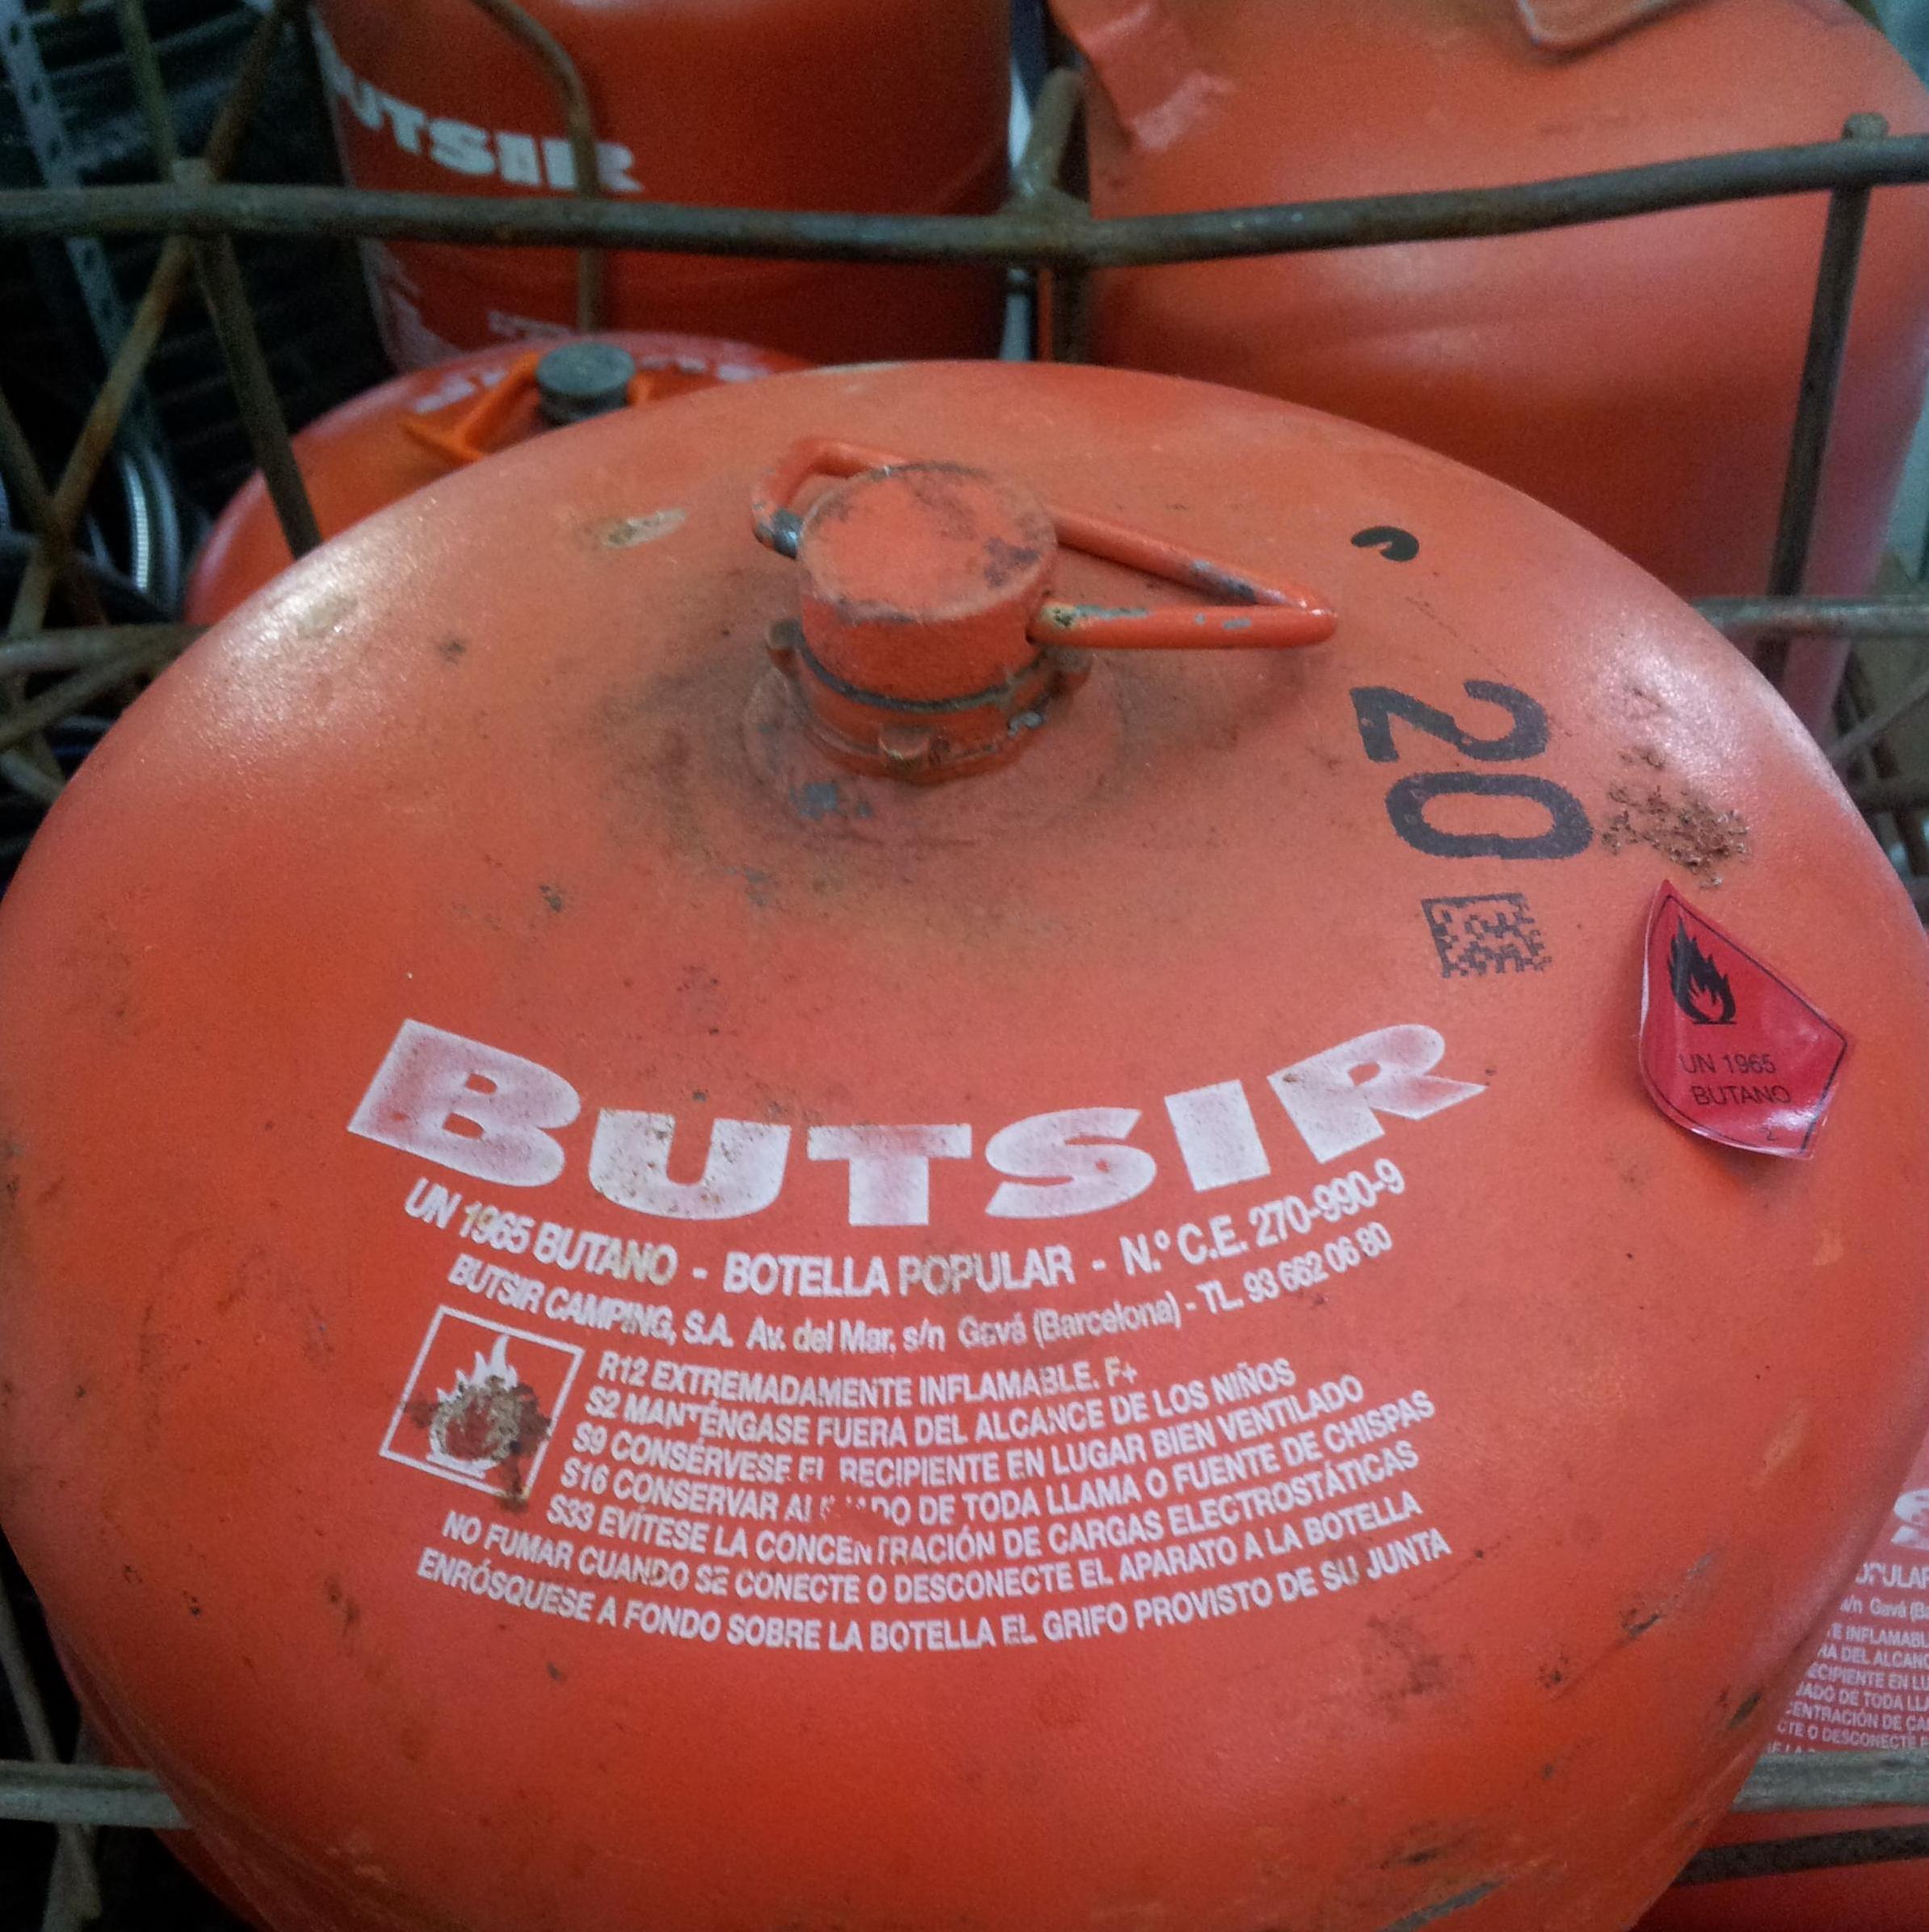 Bombonas Butsir: Productos y Servicios de Ferretería El Teide